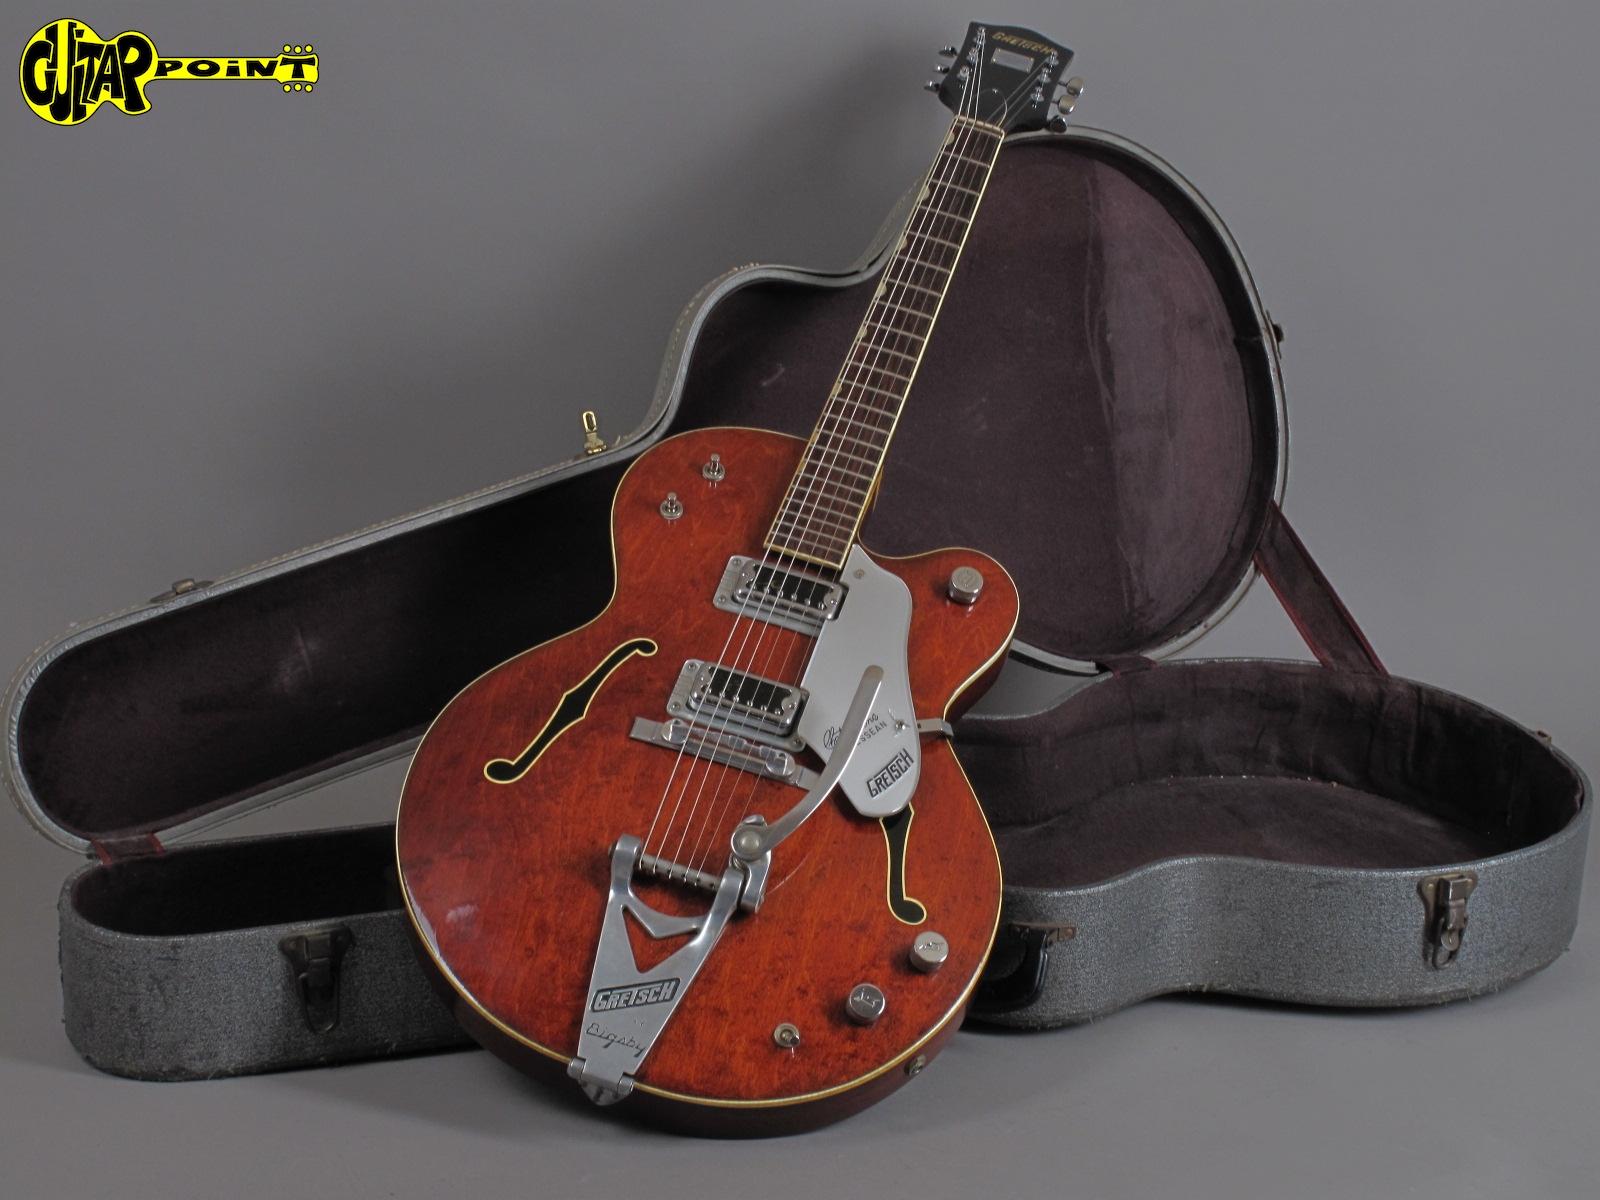 https://guitarpoint.de/app/uploads/products/1967-gretsch-6119-chet-atkins-tennessean/Gretsch65Tenne6119_57149_10.jpg